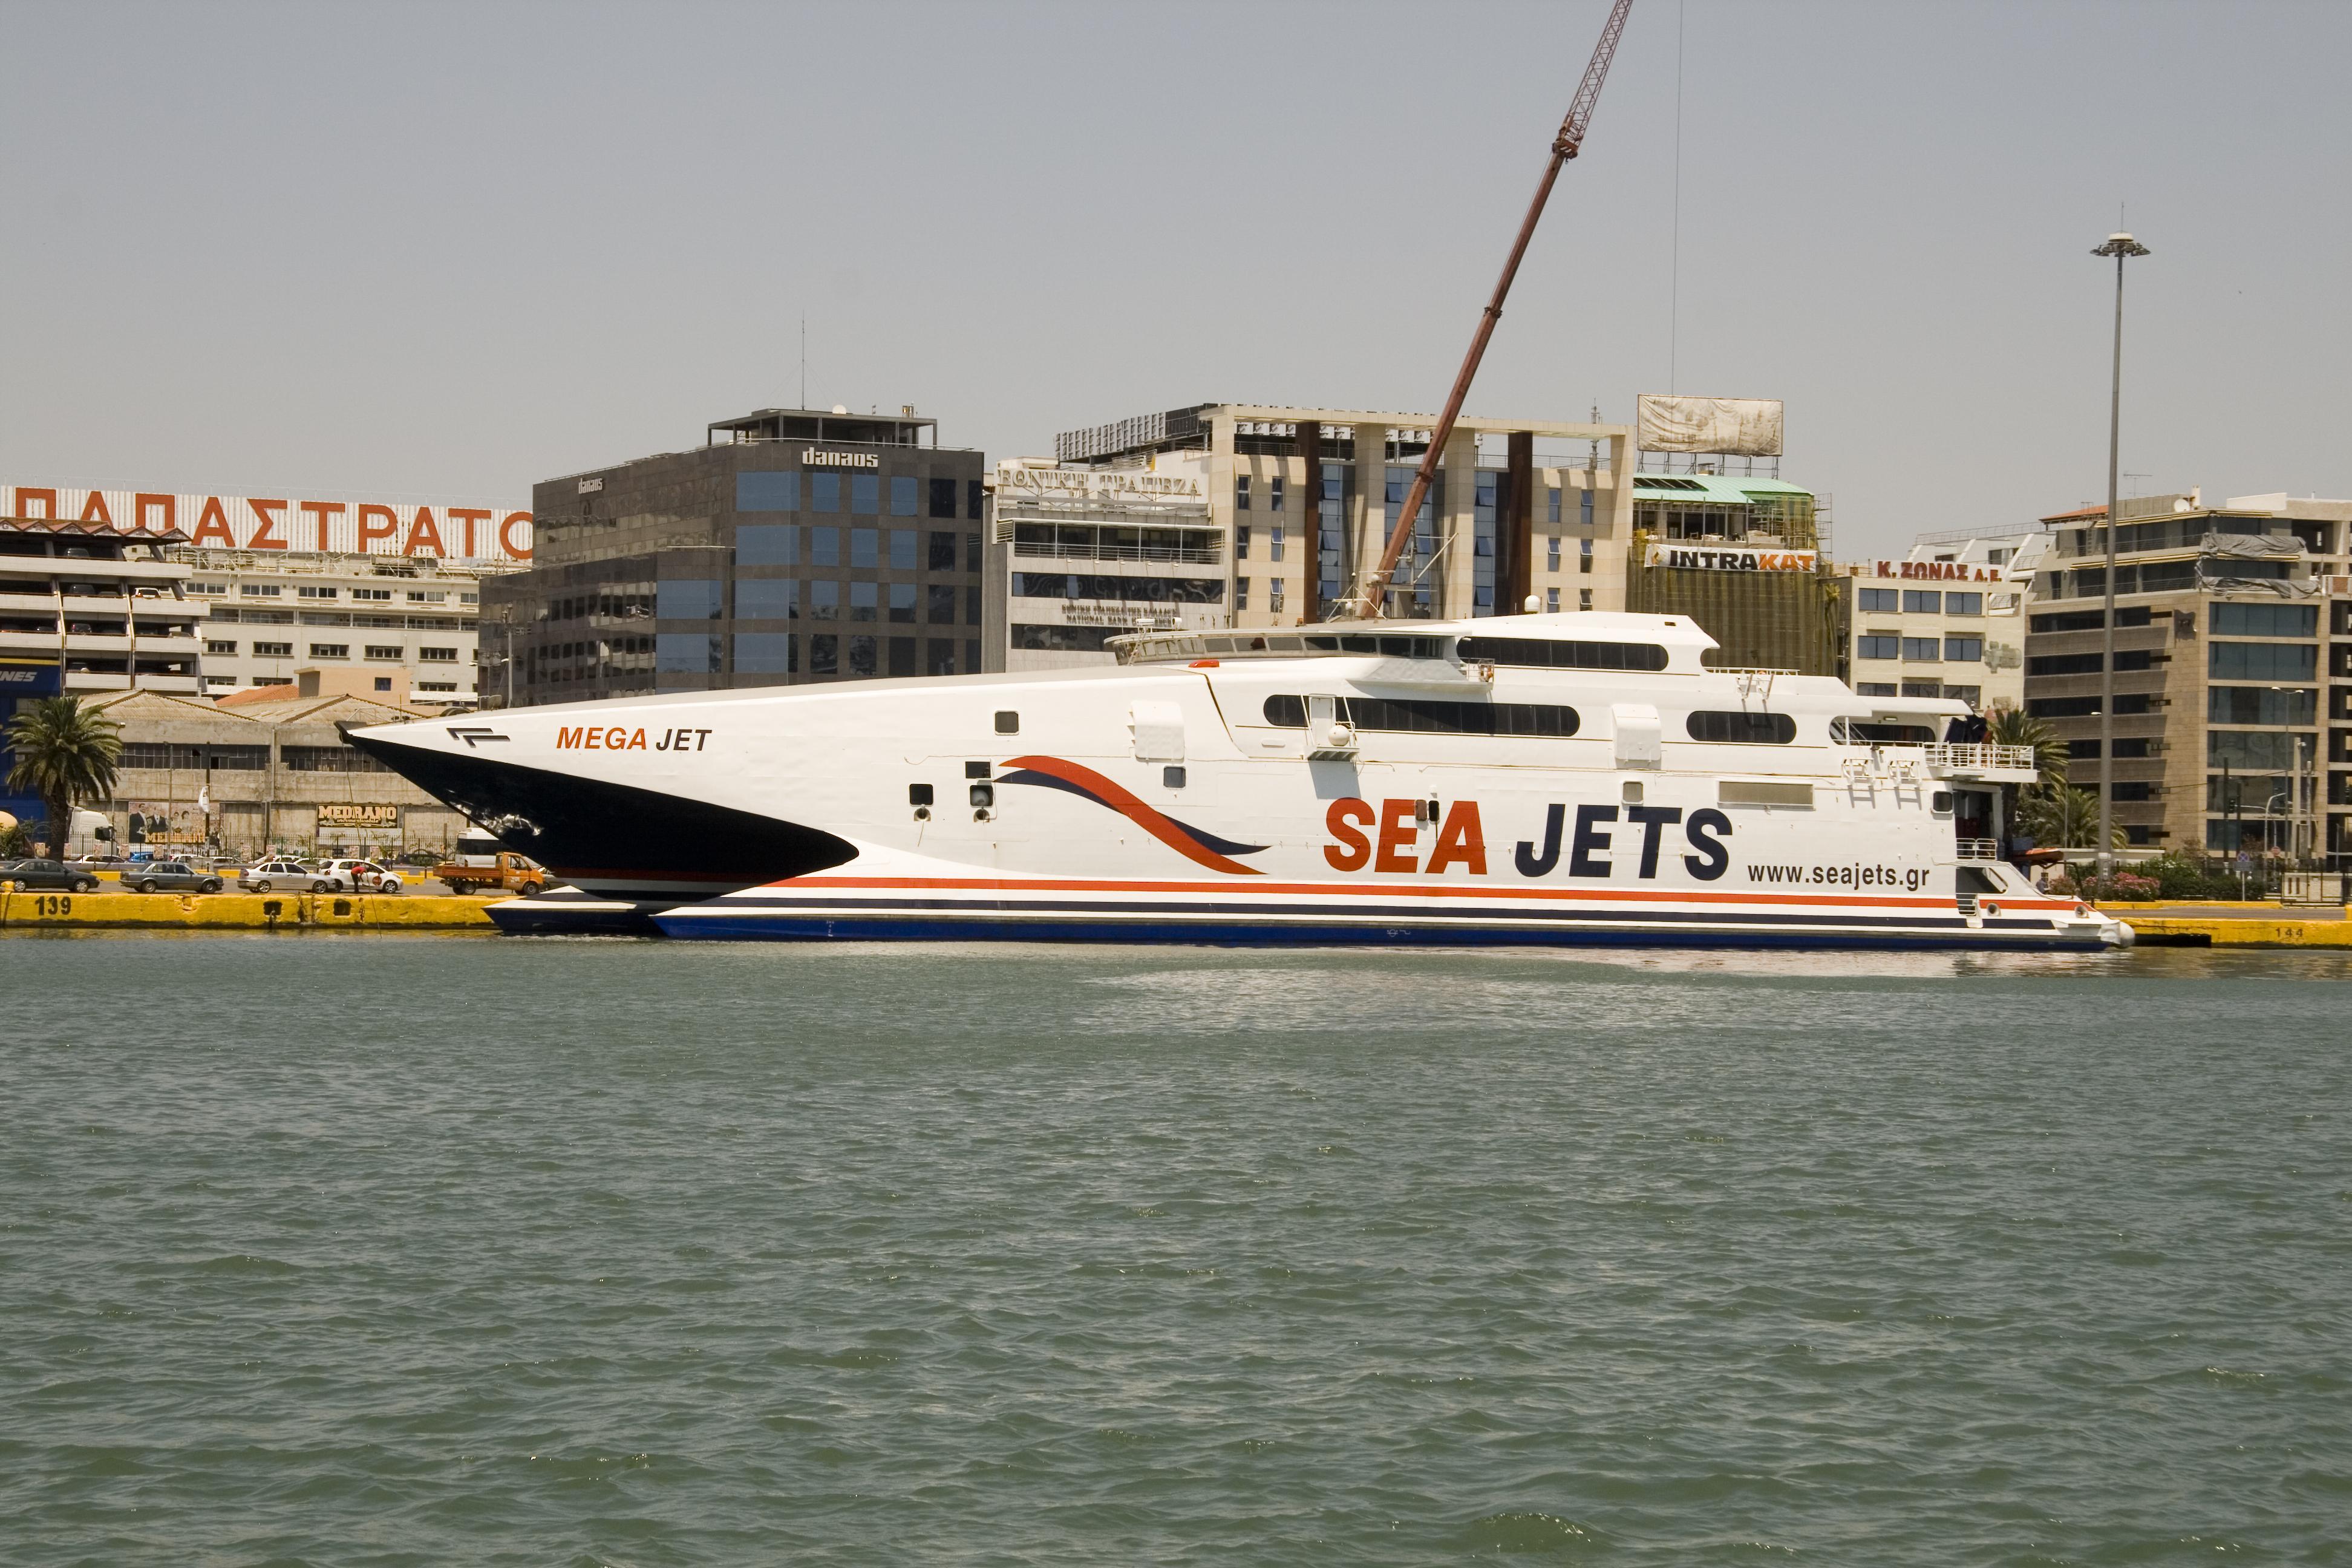 SEAJETS HSC Mega Jet 01_Personale 26Gi08